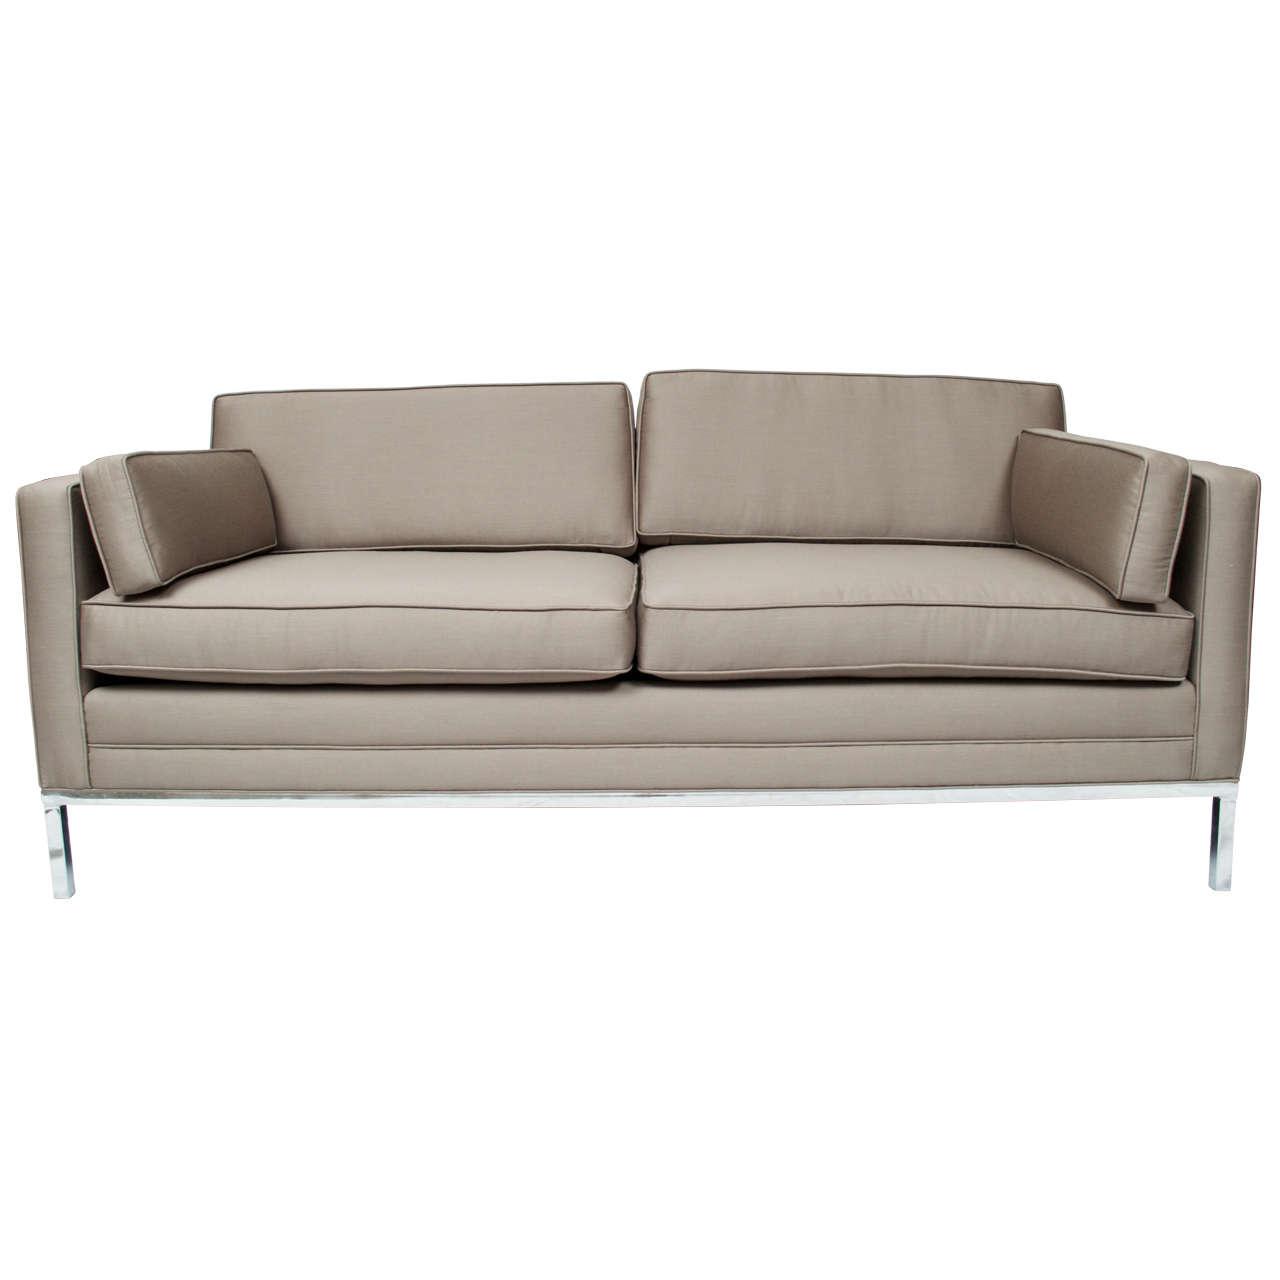 Milo Baughman For Thayer Coggin Sofa Saturday Sale At